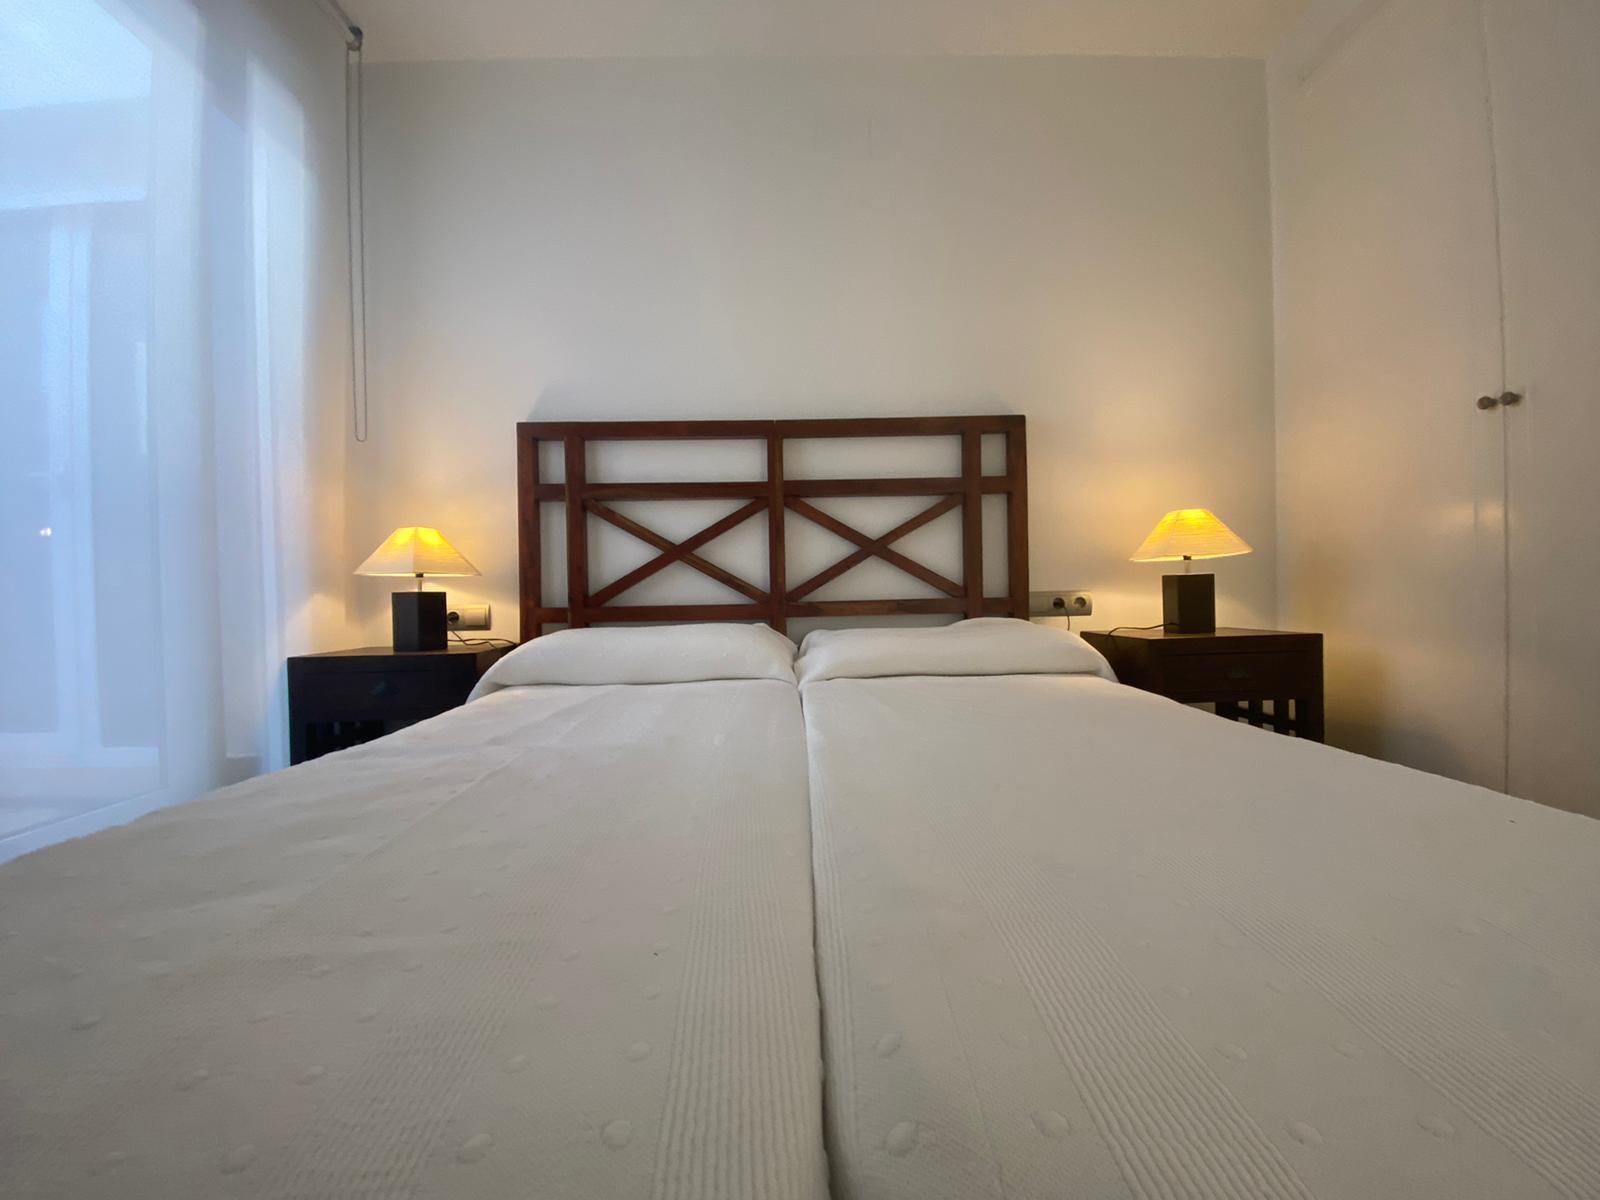 Imagen 42 del Apartamento Turístico, Ático 1 Levante (3d+2b), Punta del Moral (HUELVA), Paseo de la Cruz nº22